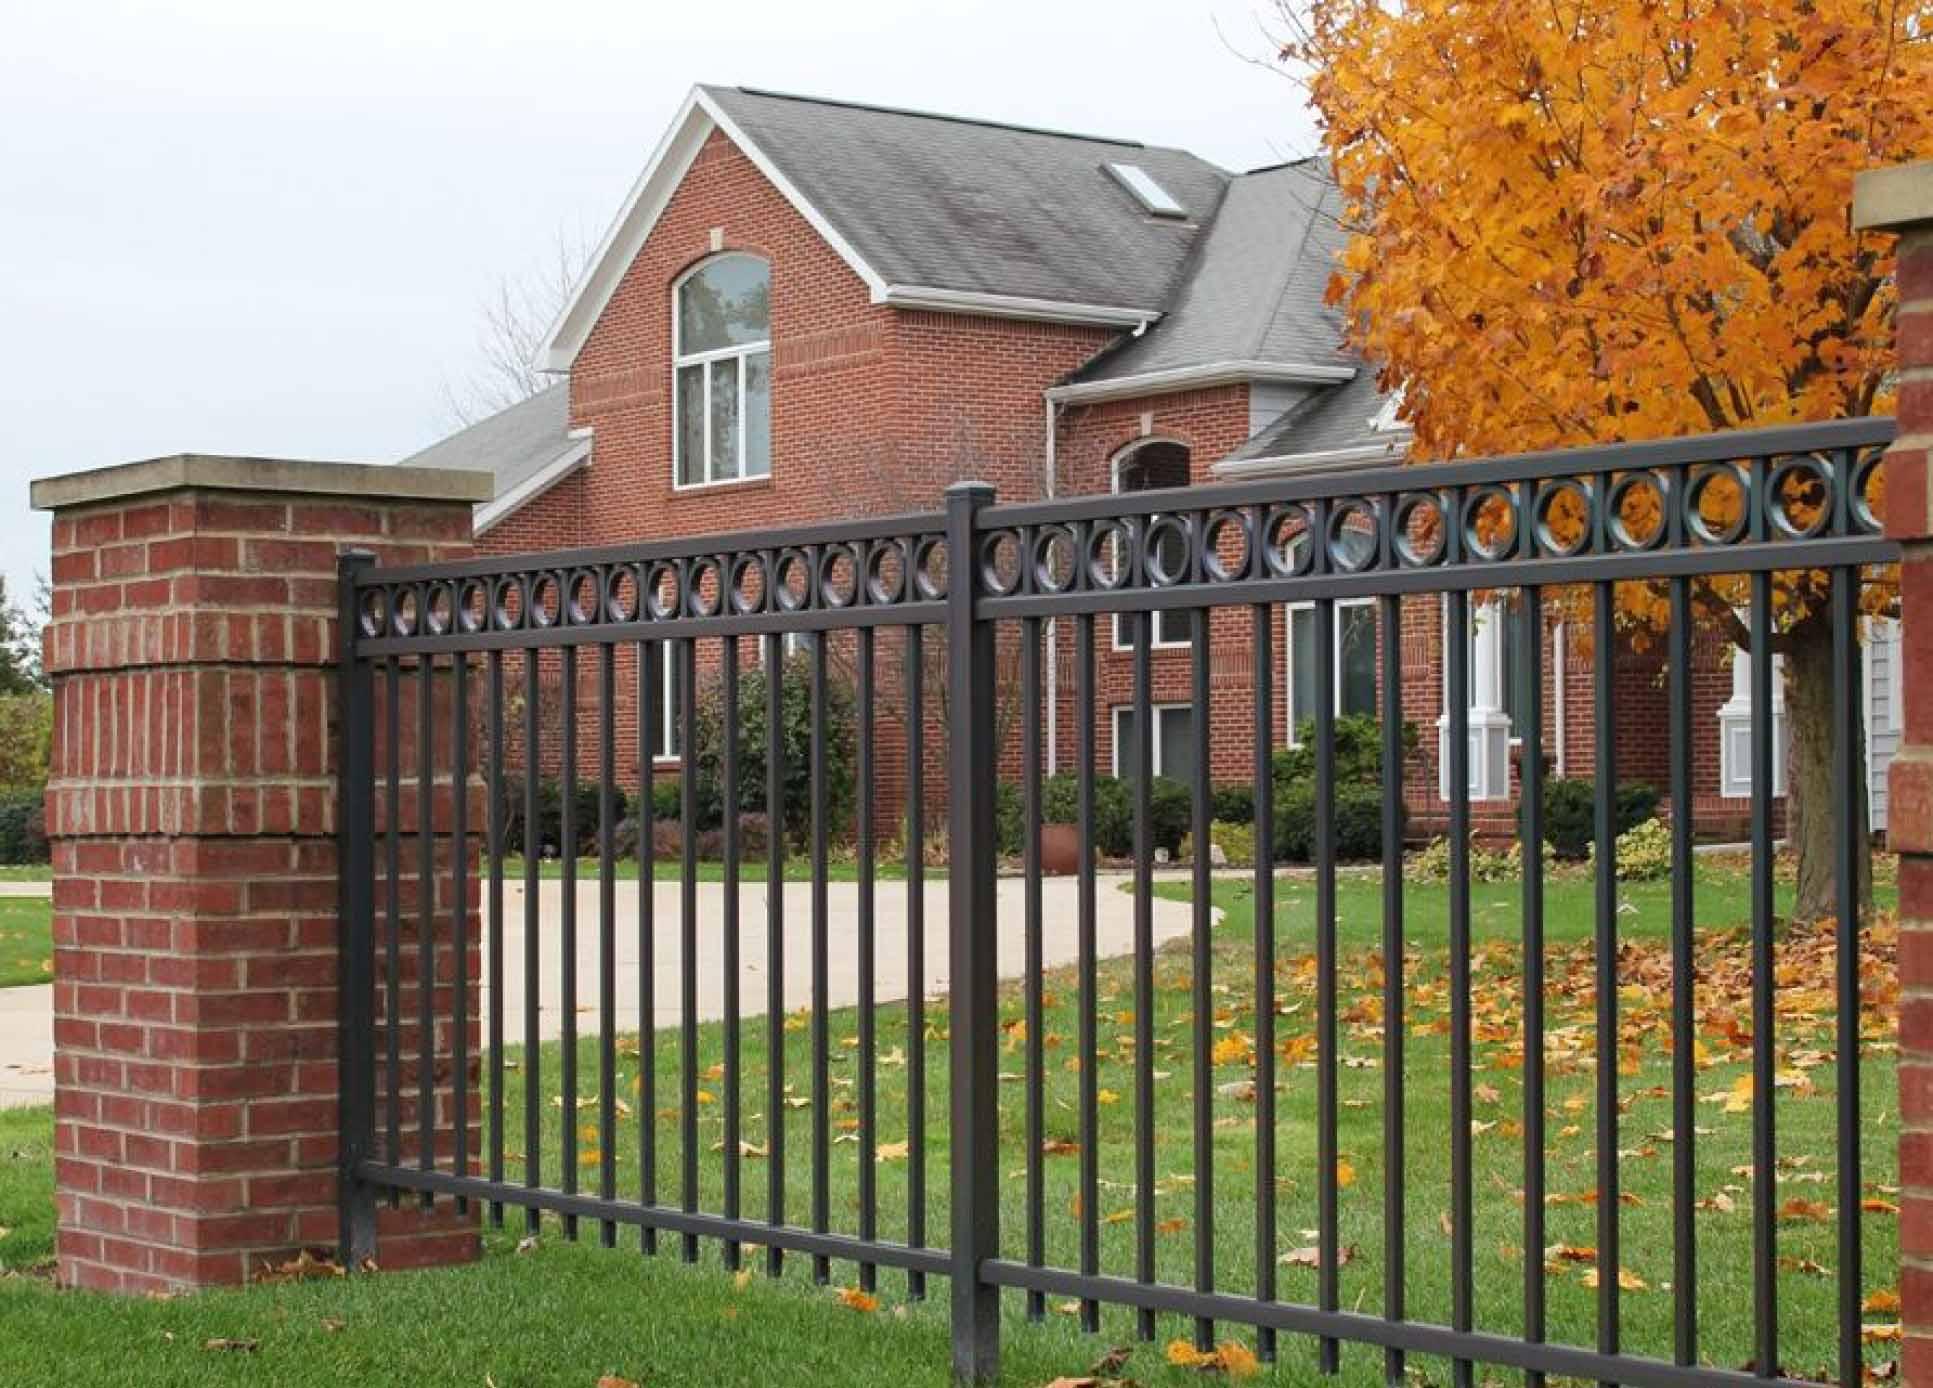 Fence-II-for-Web